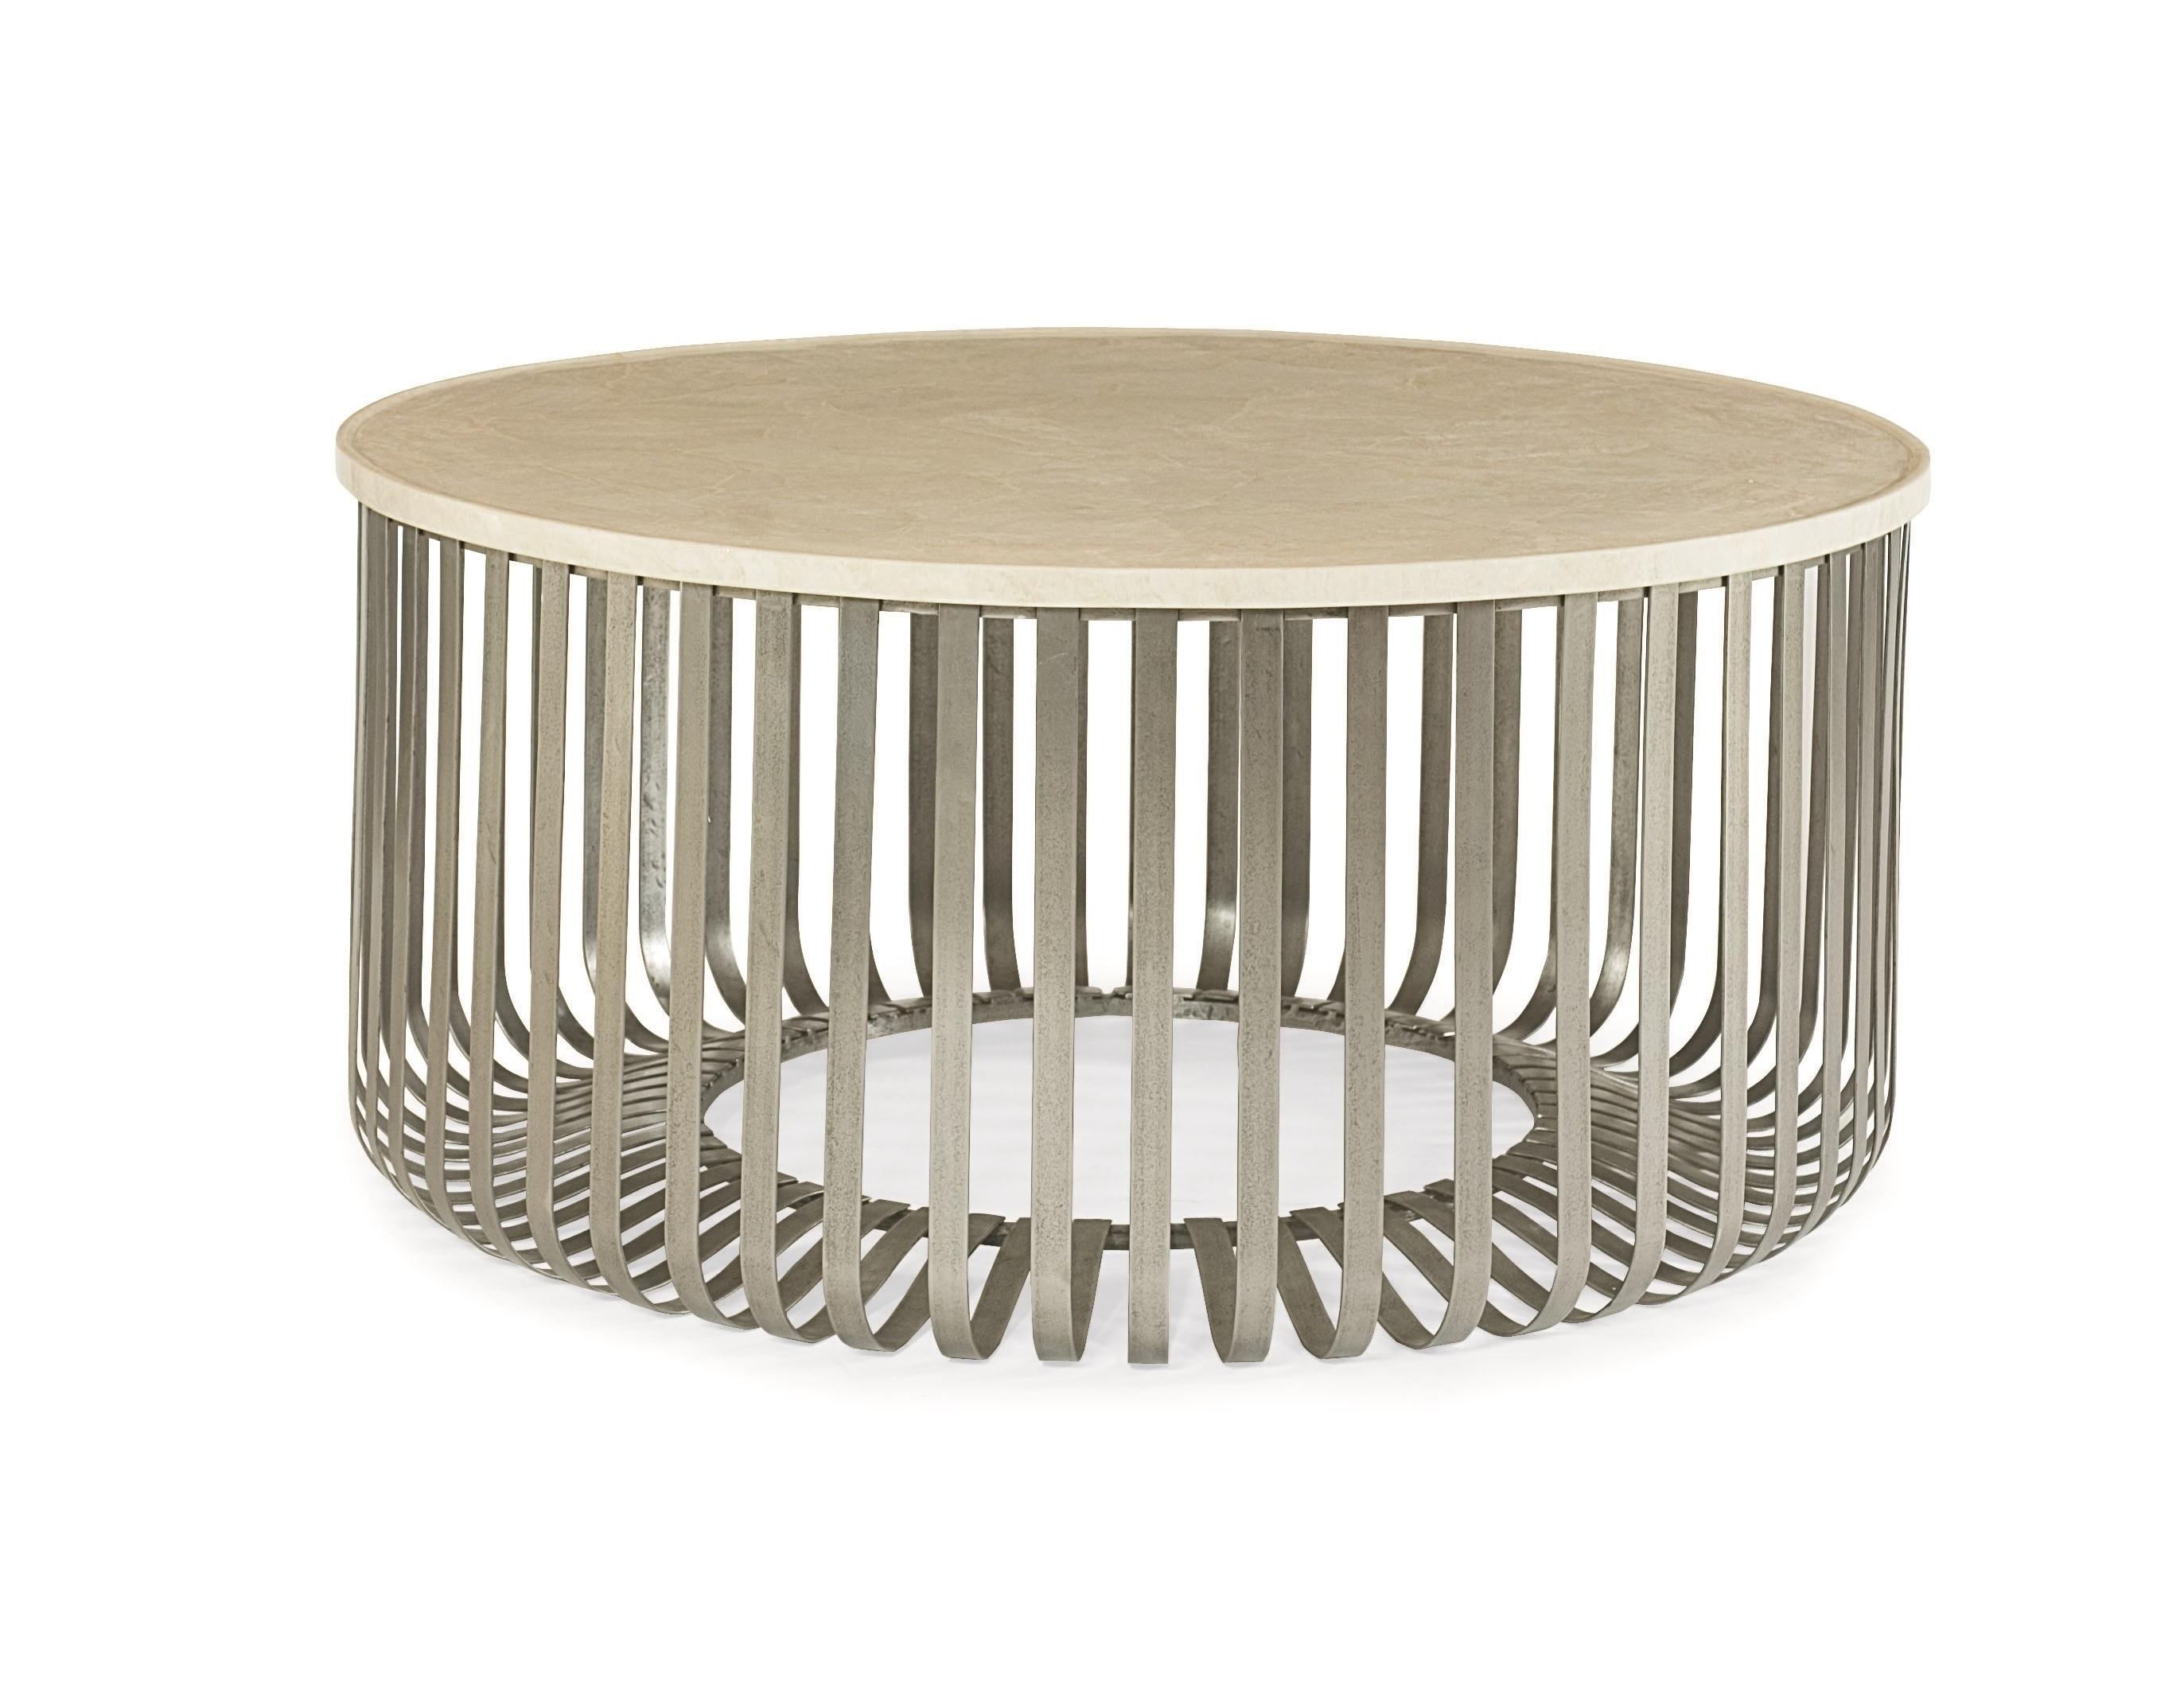 Столик коктейльныйВинные, коктейльные столики<br>В коллекции Century представлены предметы интерьера, неподражаемые по качеству и разнообразию дизайна в традиционном и современном американском классическом стиле.<br><br>Material: Металл<br>Length см: 0<br>Width см: 102<br>Depth см: 0<br>Height см: 48<br>Diameter см: 0